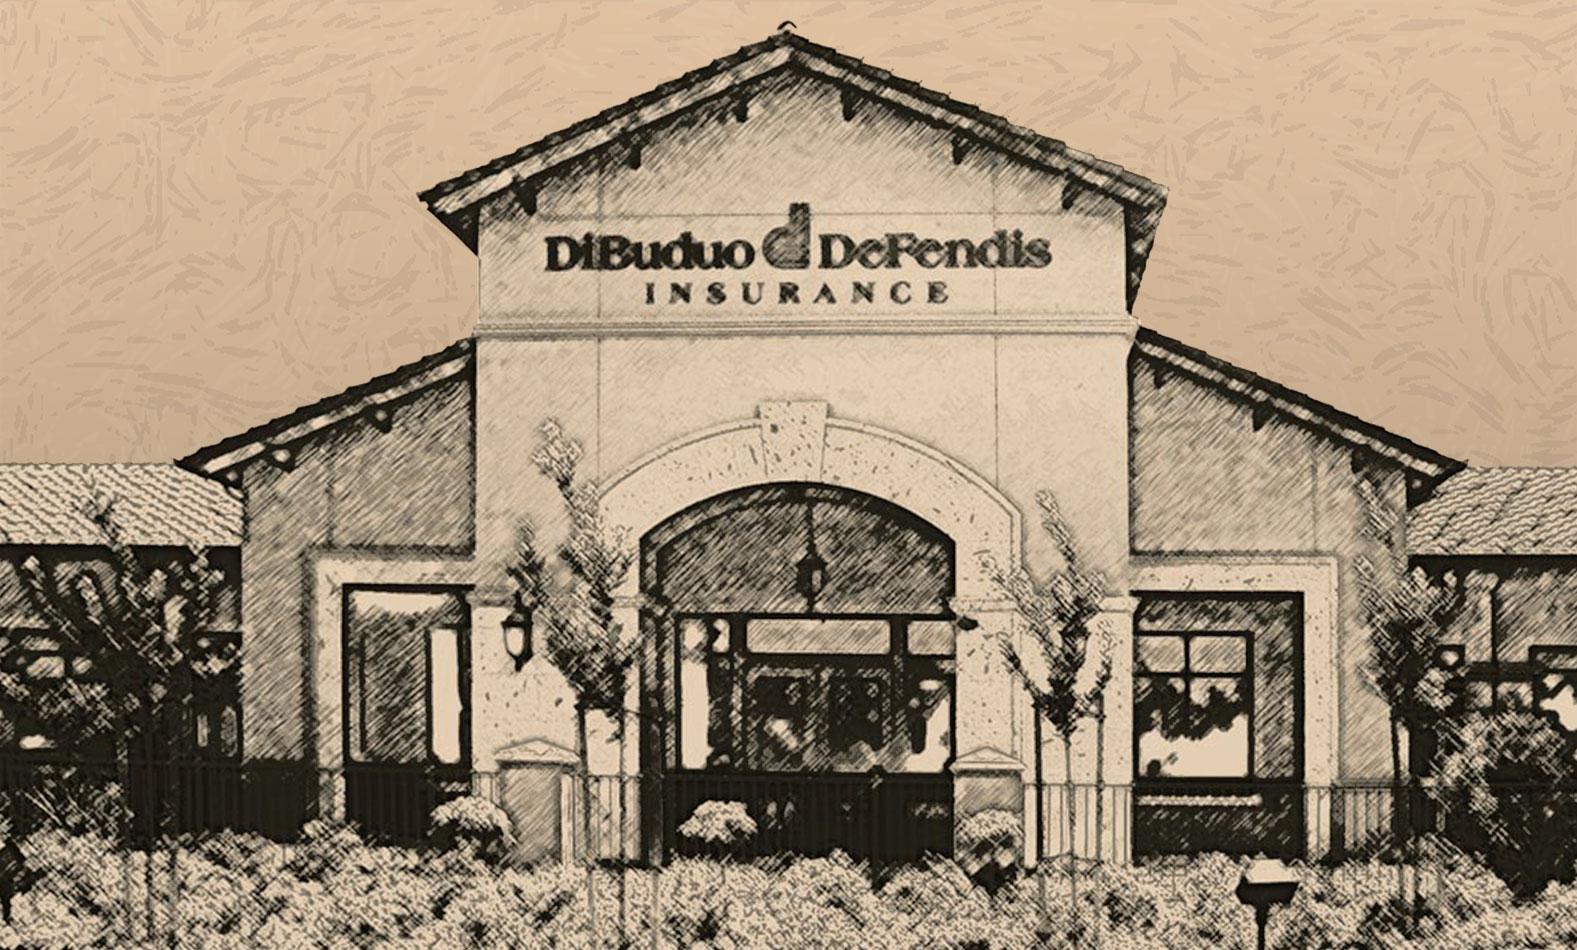 DiBuduo & DeFendis Insurance Brokers